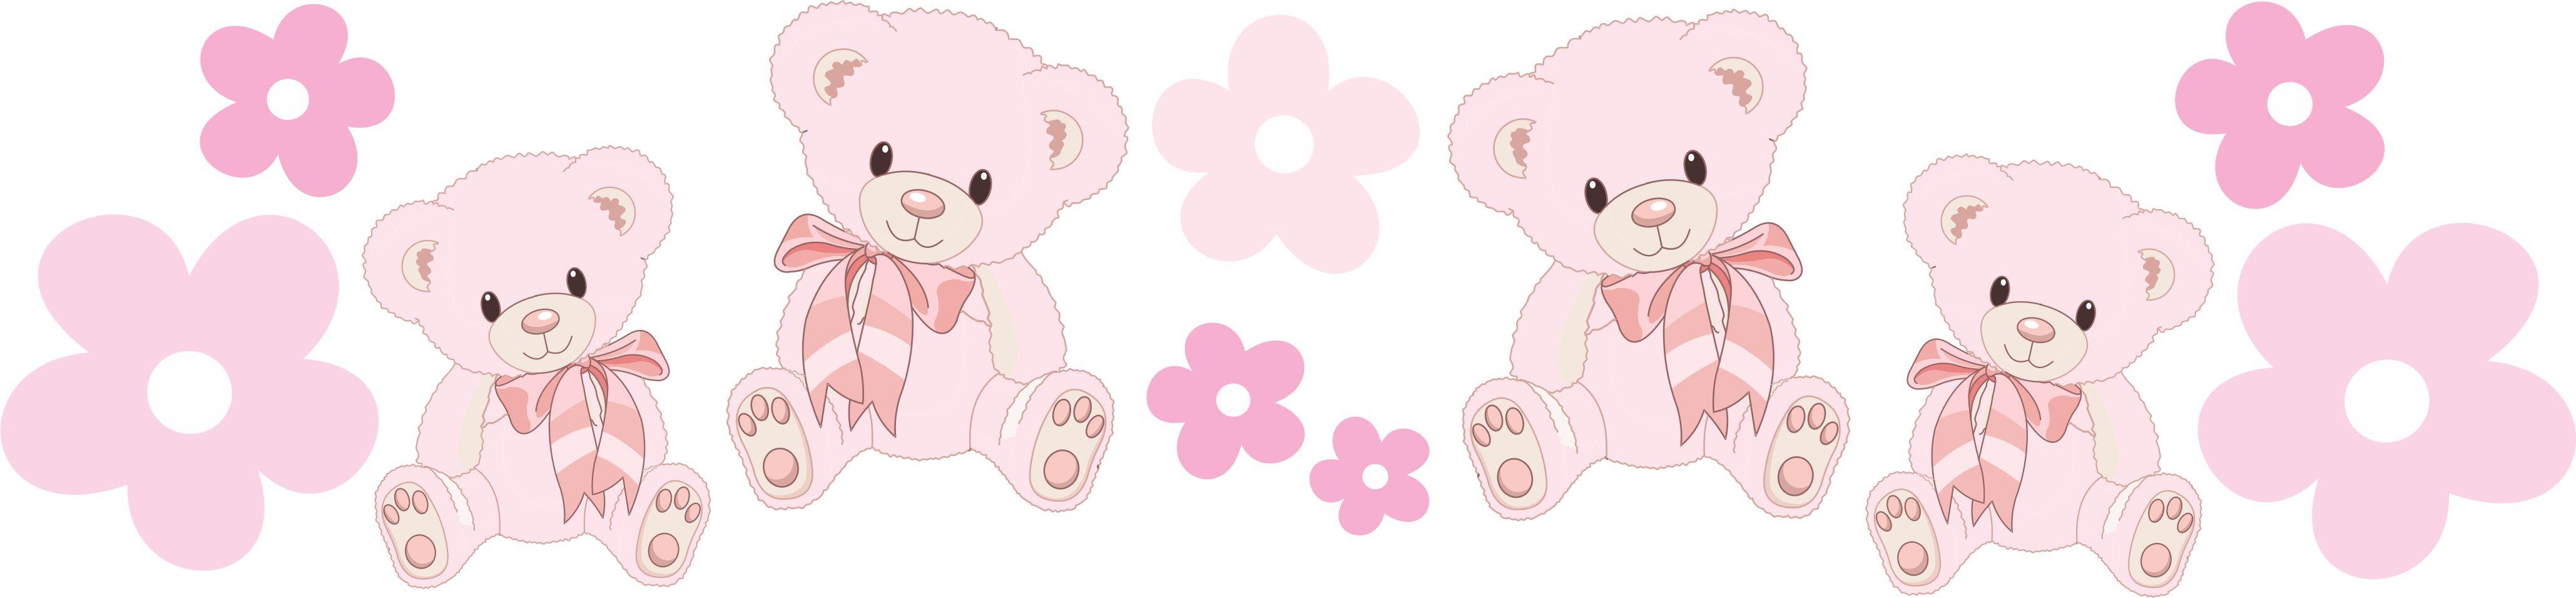 20170321115327 papel de parede urso quarto de bebe - Papel pared bebe ...